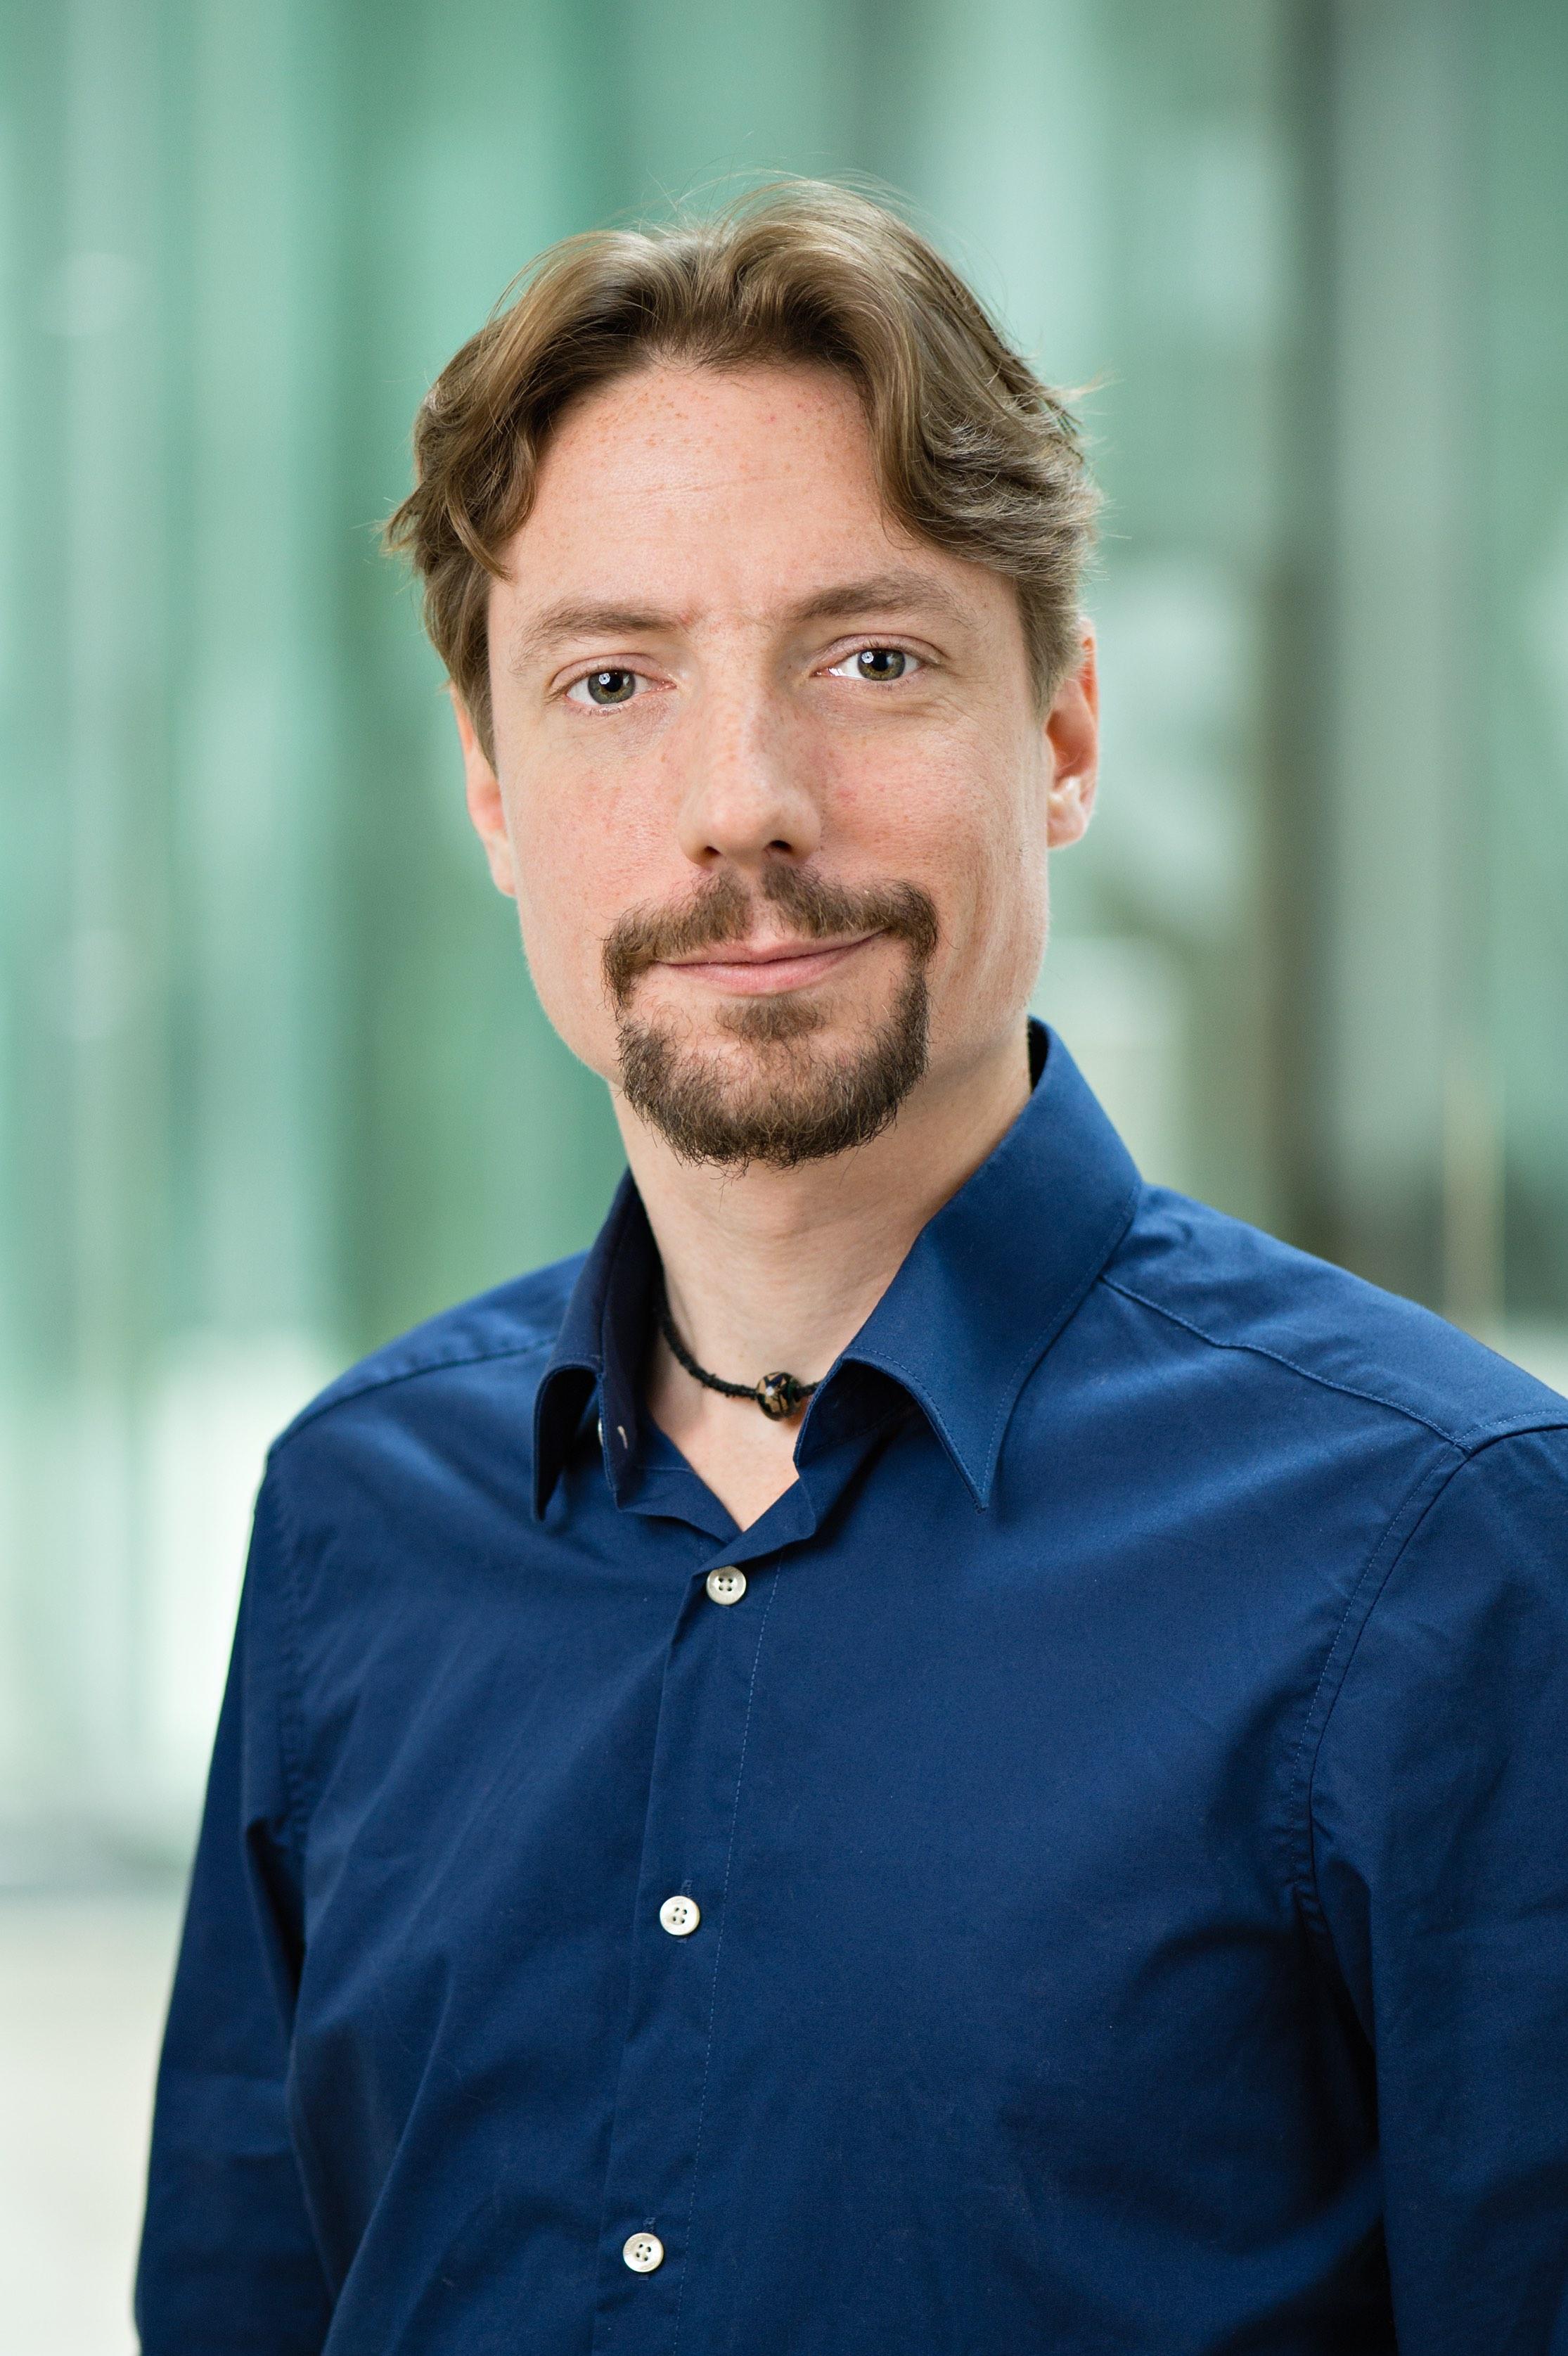 Florian Füsslin